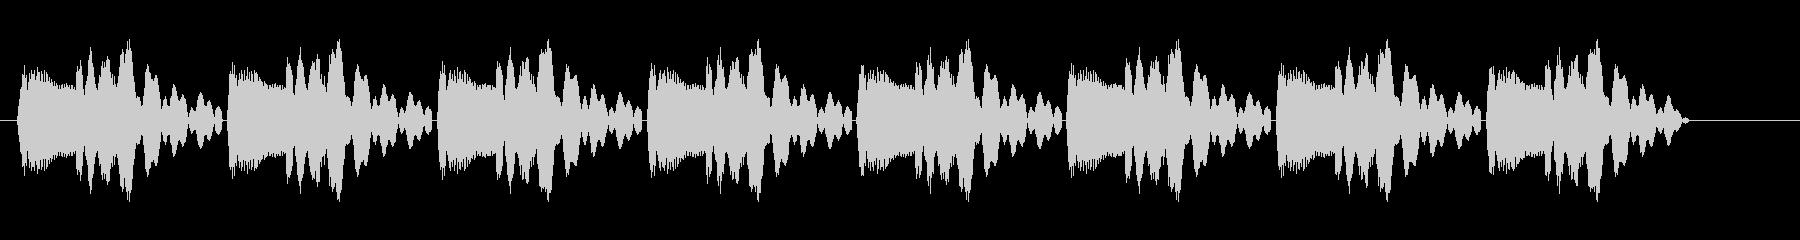 ピヨピヨピヨ (通知に適している効果音)の未再生の波形